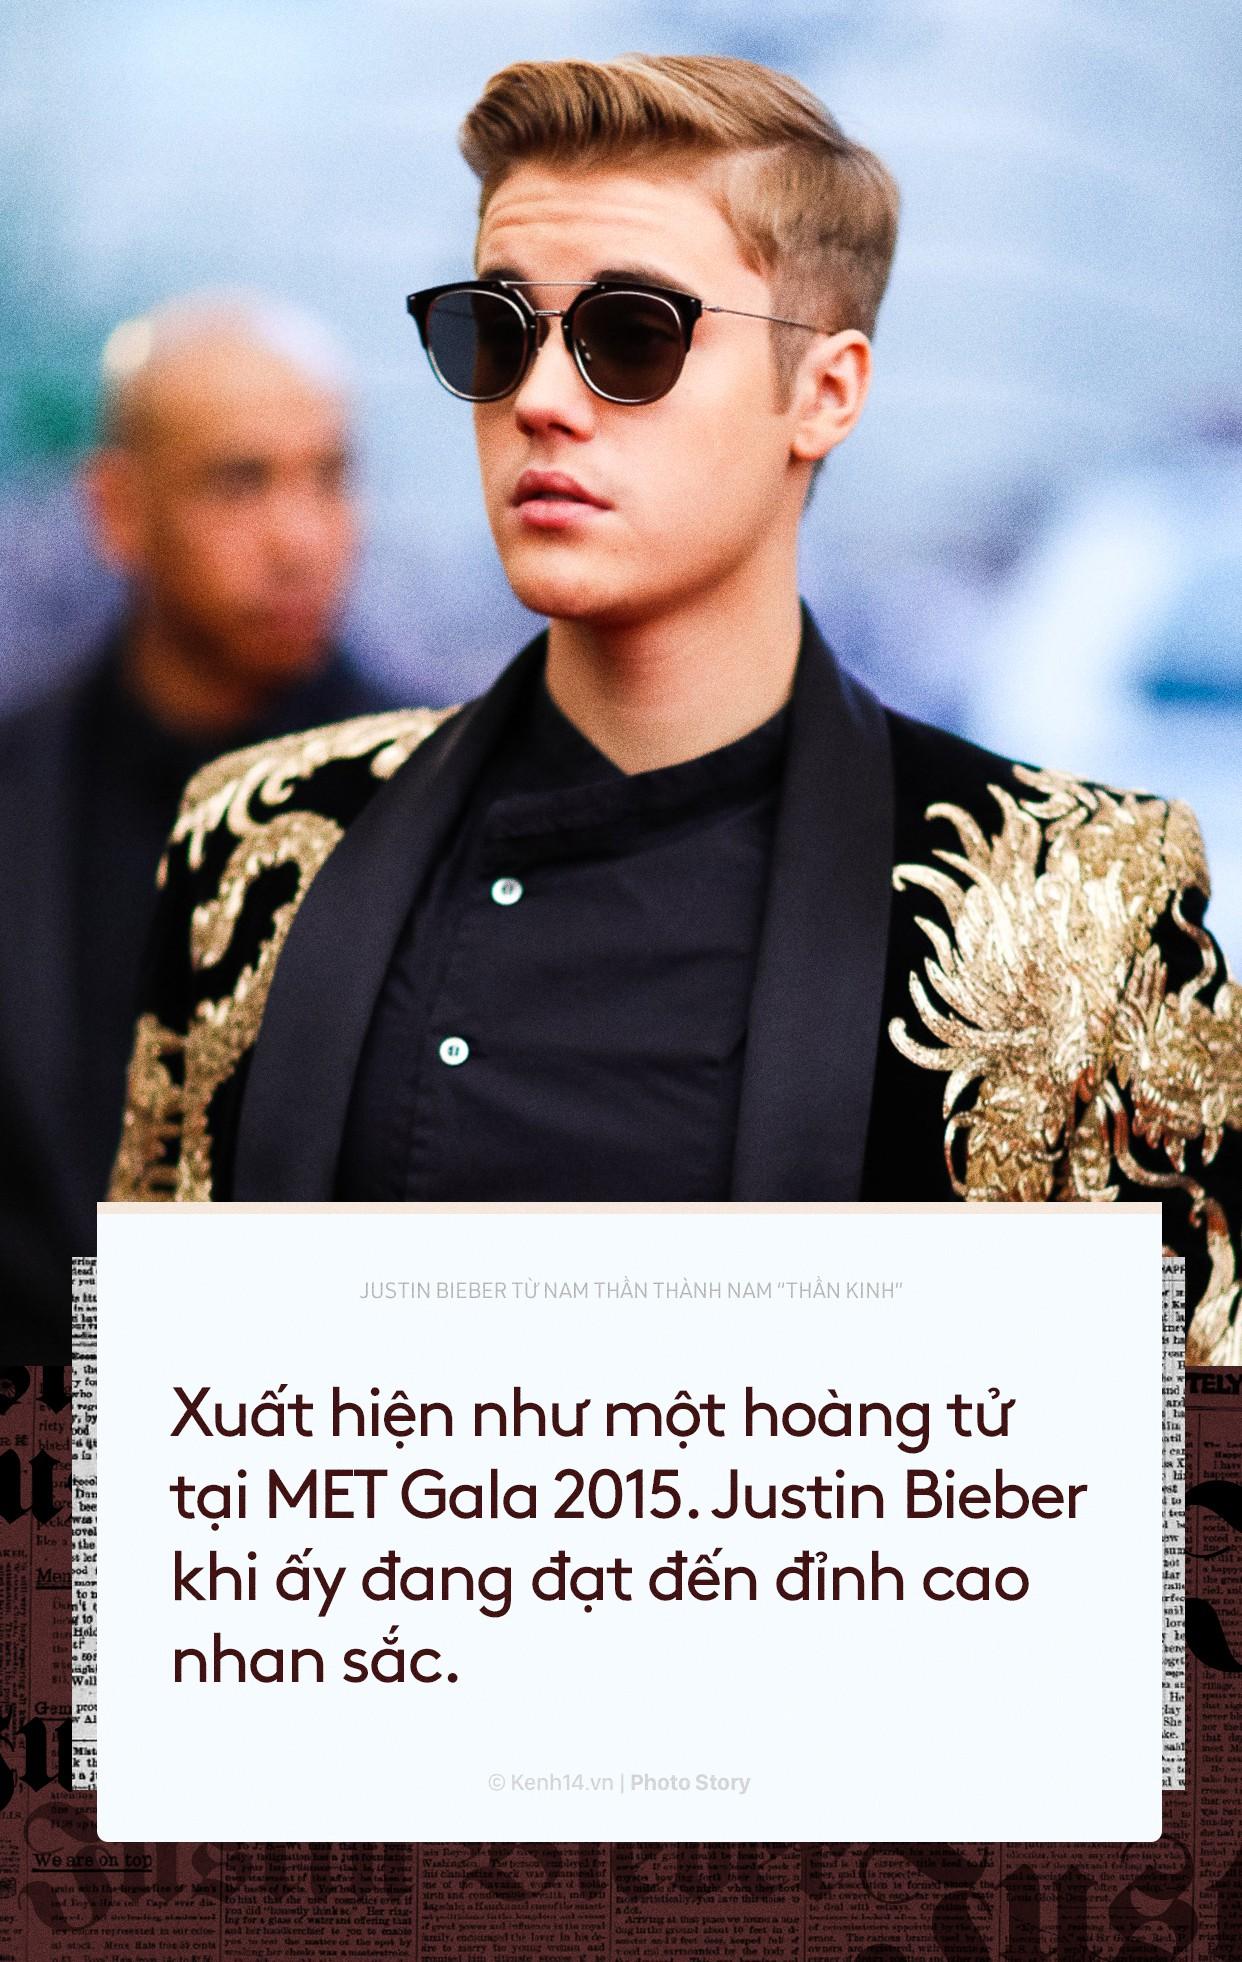 Nếu có ước muốn cho cuộc đời này, hãy nhớ ước muốn cho Justin Bieber đẹp trai trở lại - Ảnh 1.